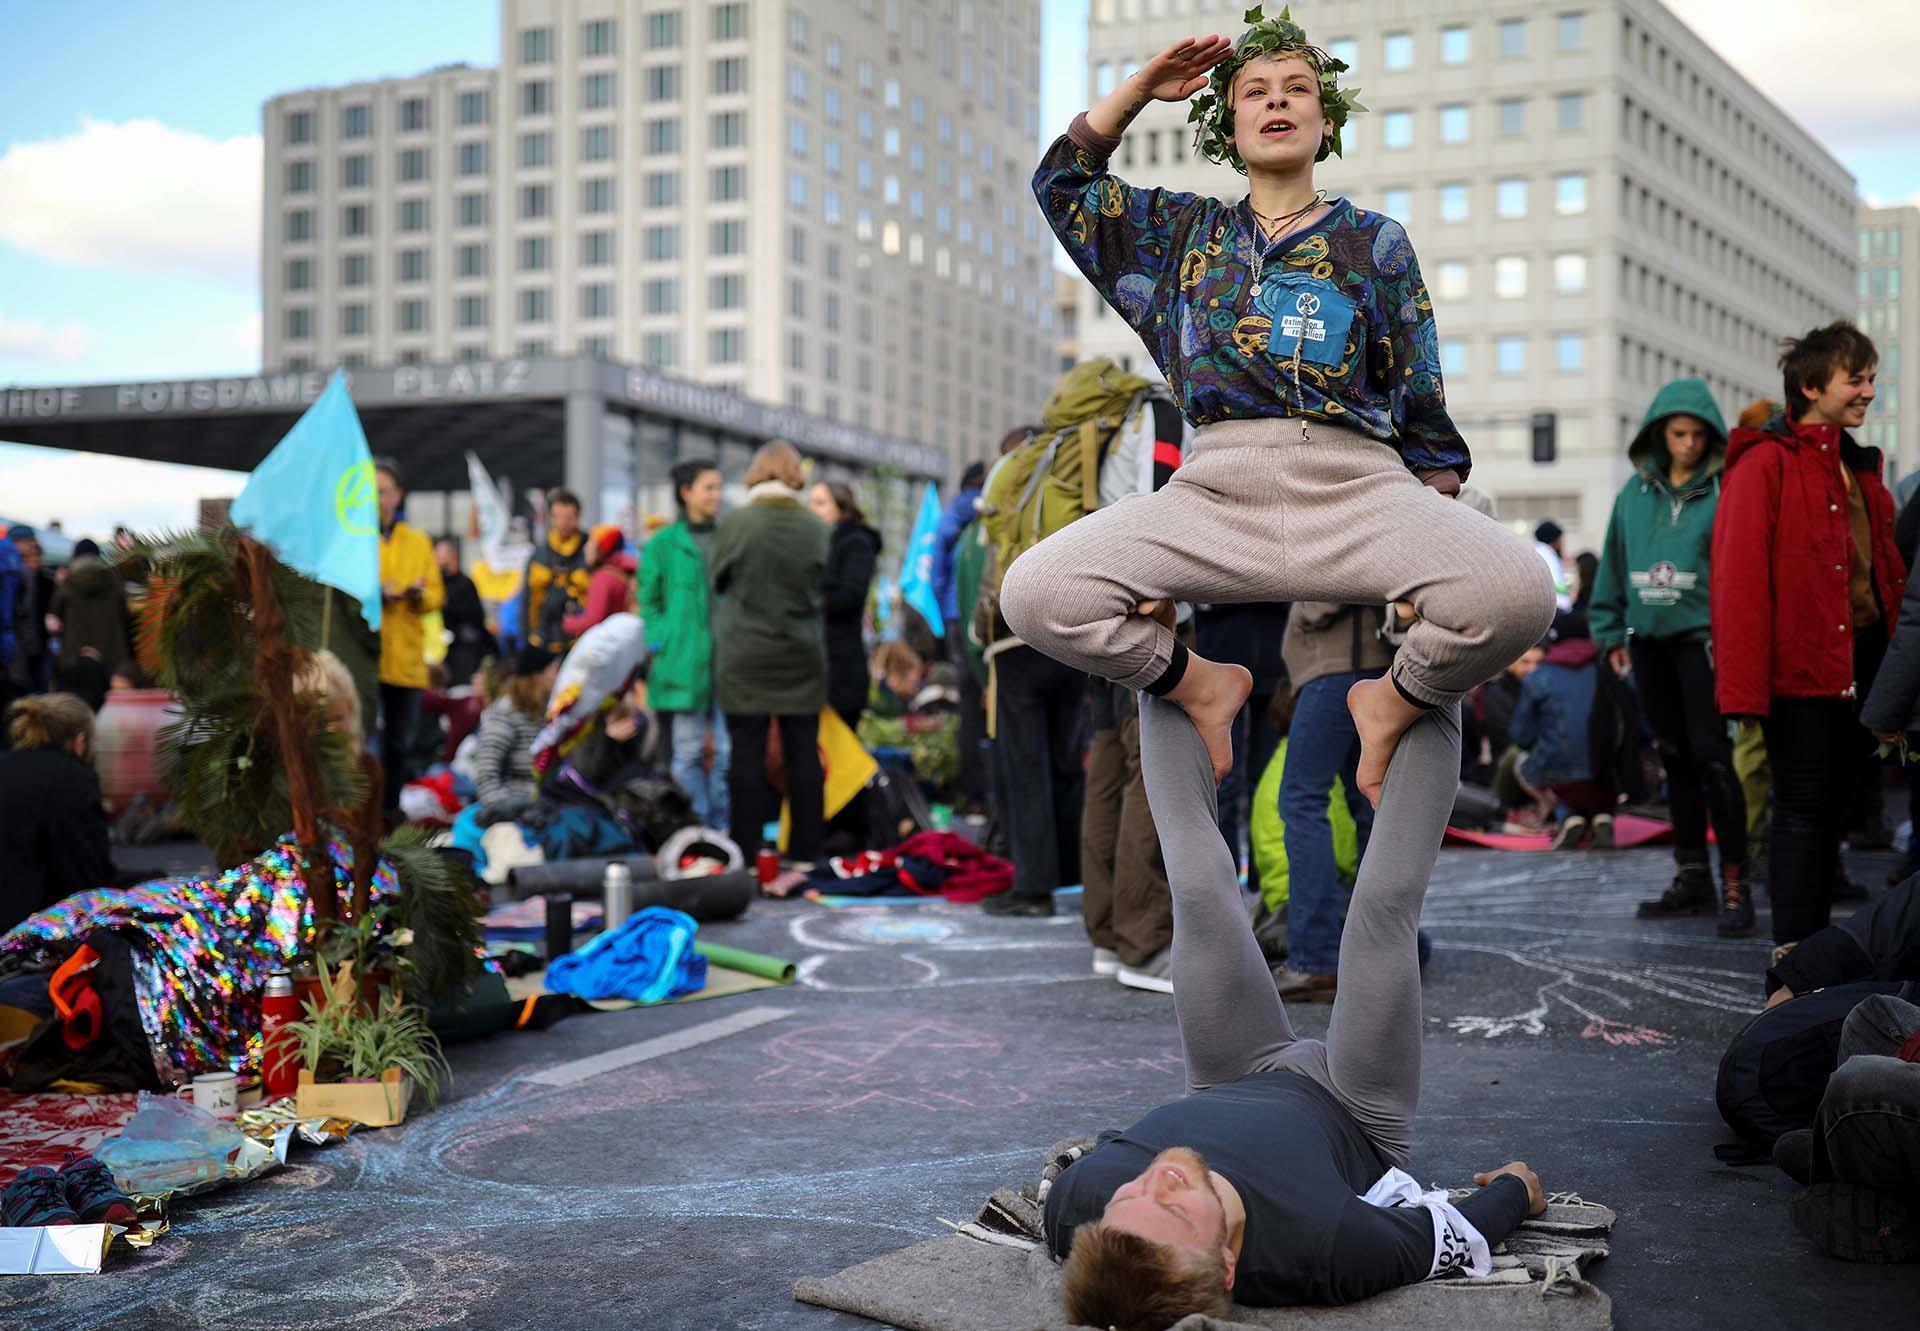 Activistas climáticos asisten a una protesta de rebelión de extinción en la plaza Potsdamer Platz en Berlín, Alemania, el 7 de octubre de 2019. REUTERS / Hannibal Hanschke